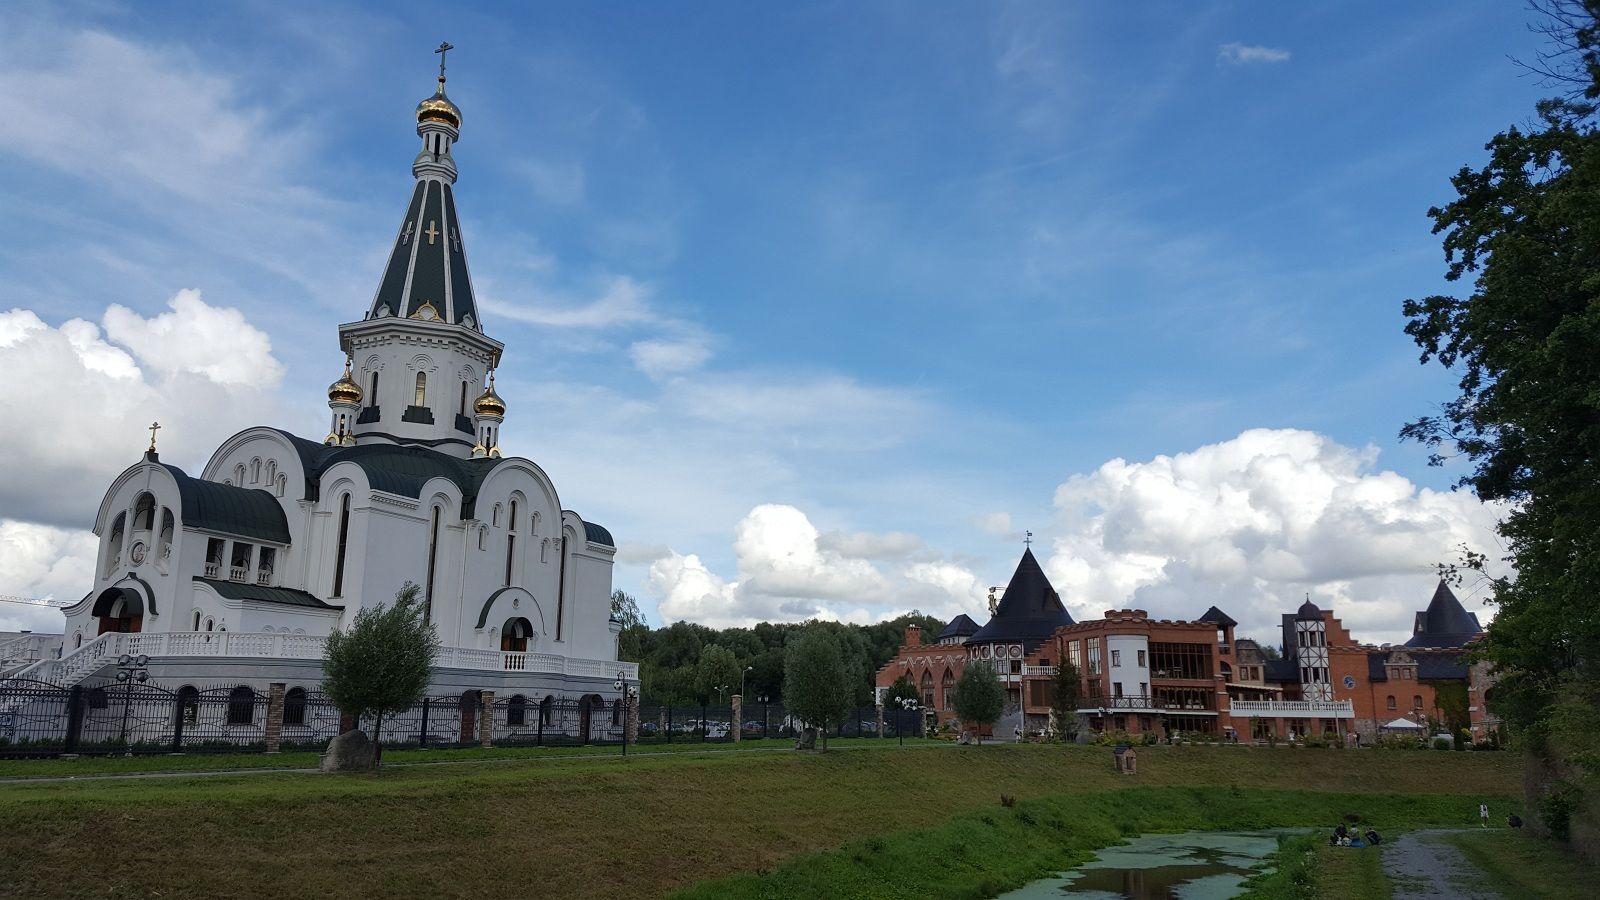 Как я провела свой день рождение, я покажу вам летний Калининград, фото 65